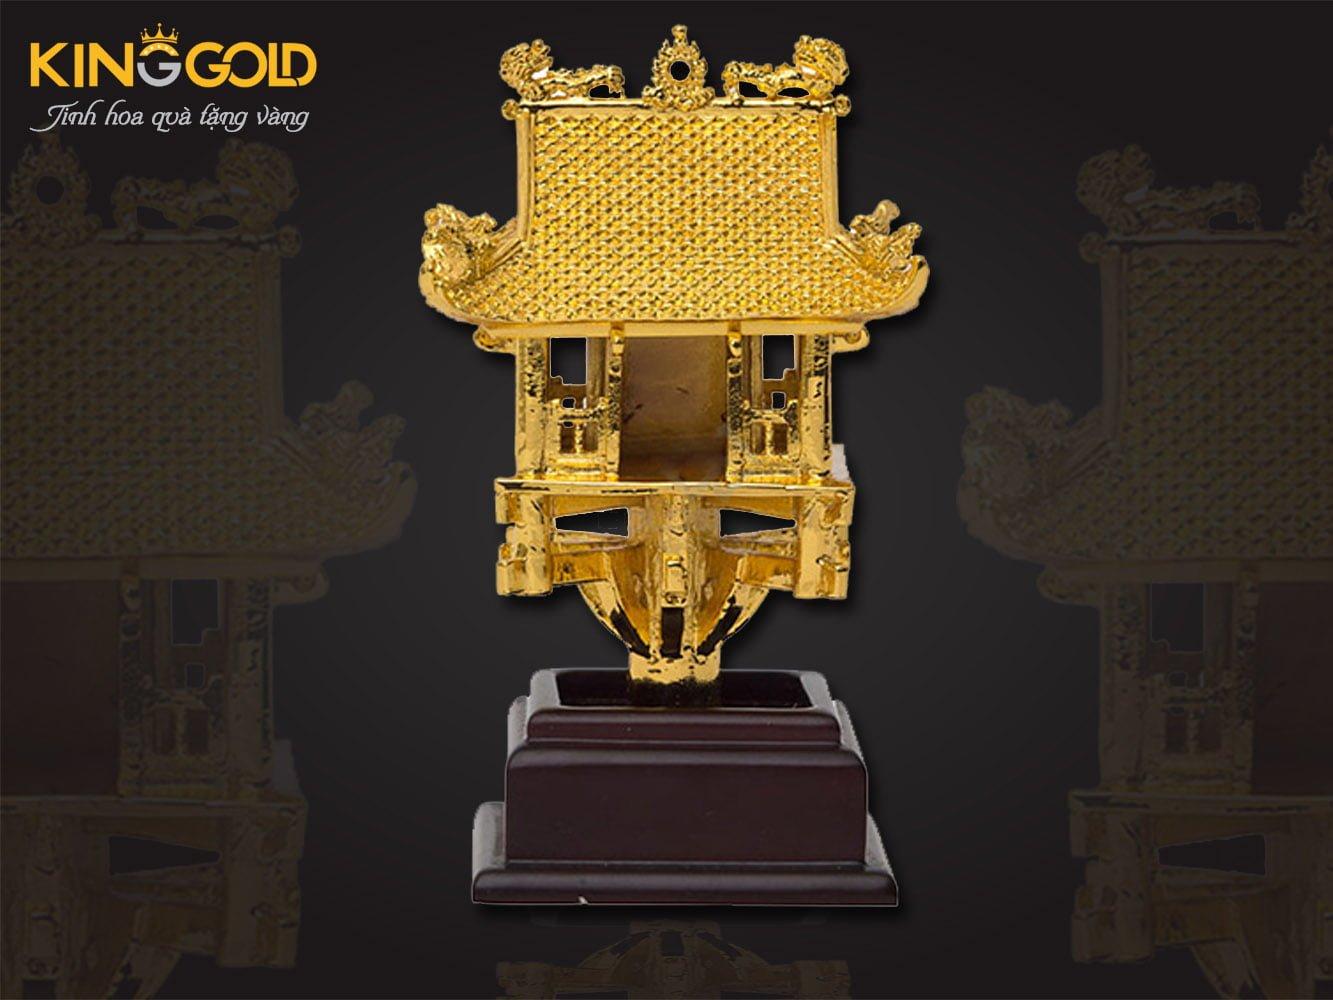 Chùa một cột mạ vàng, chùa một cột mini đẹp tinh xảo